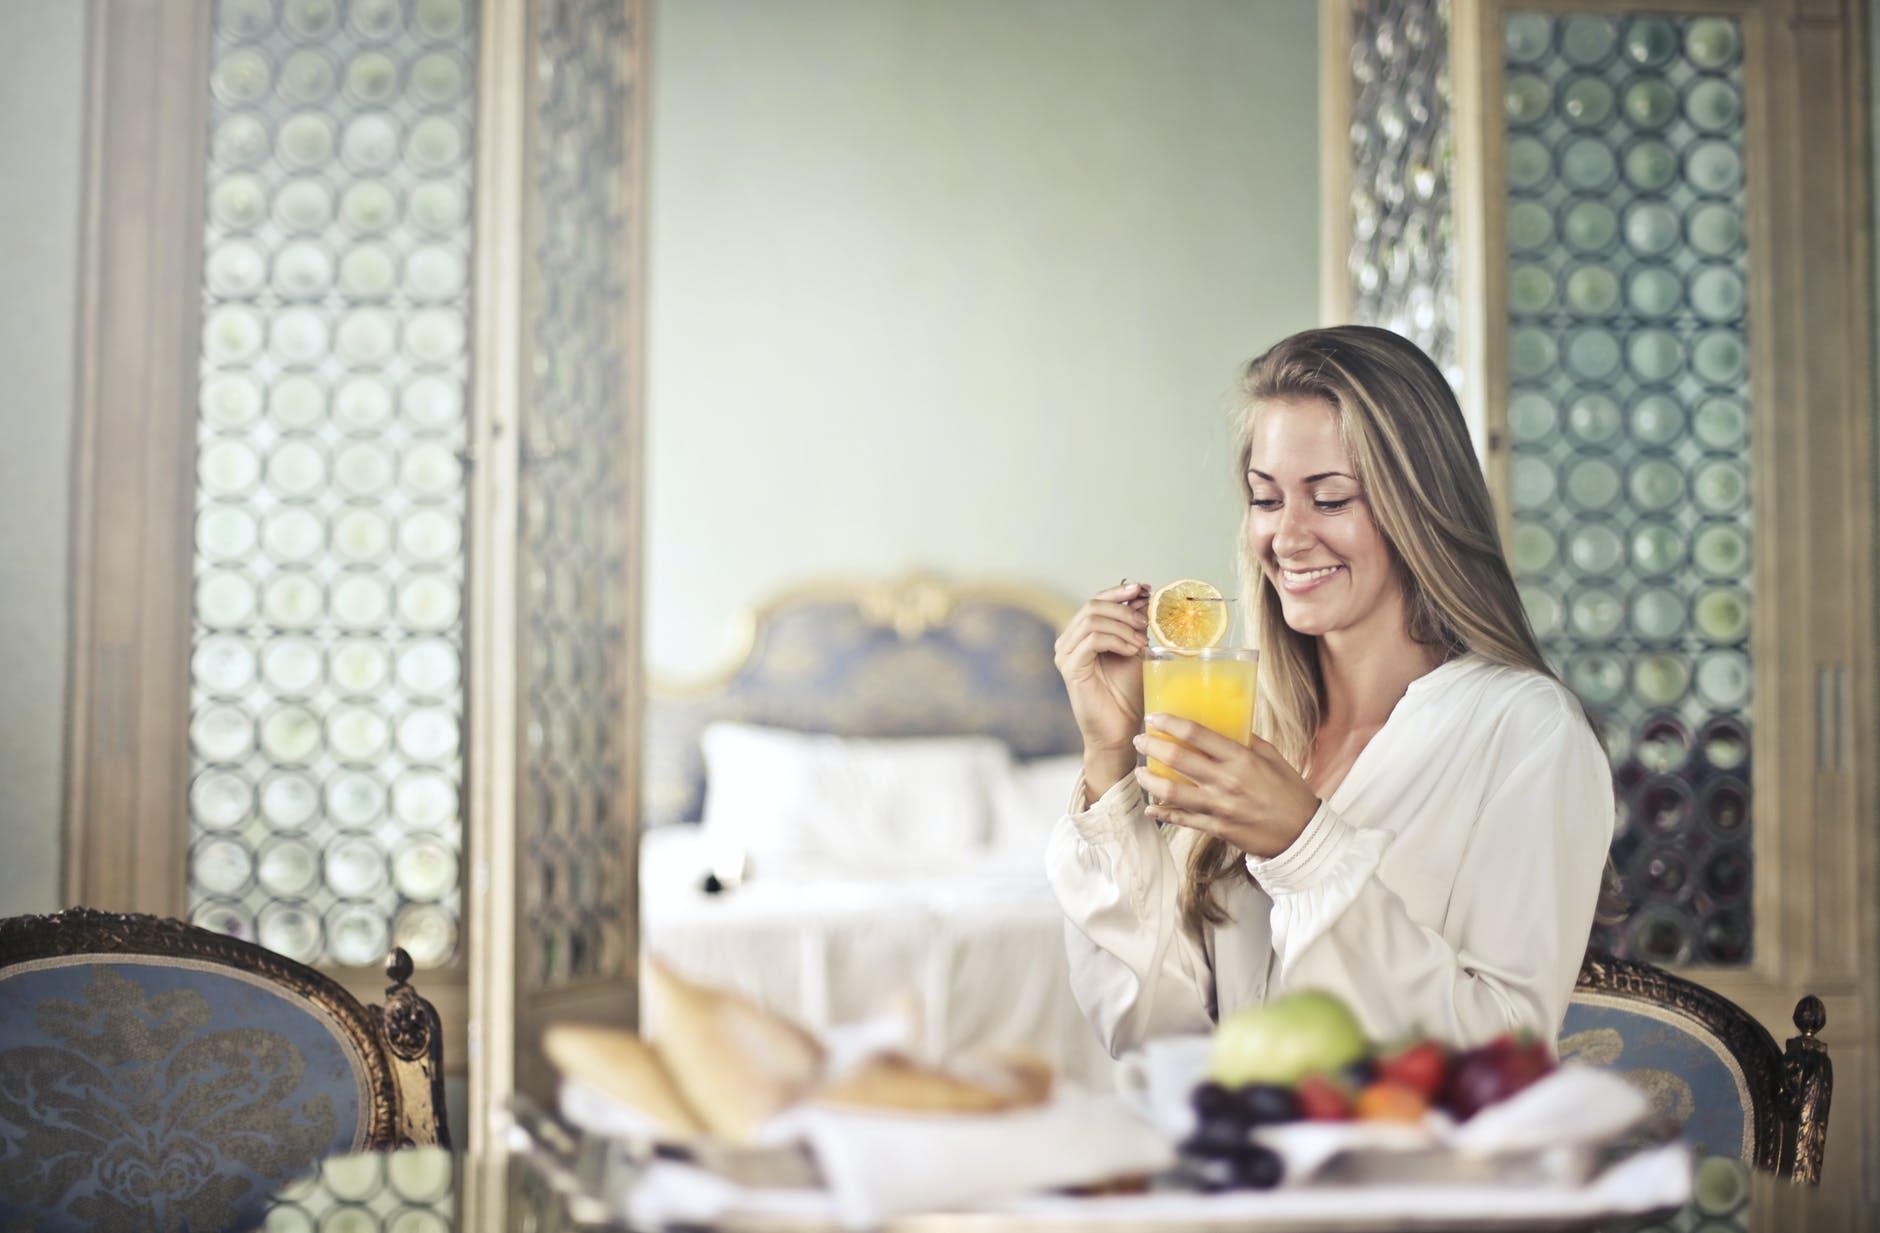 woman eat fruits